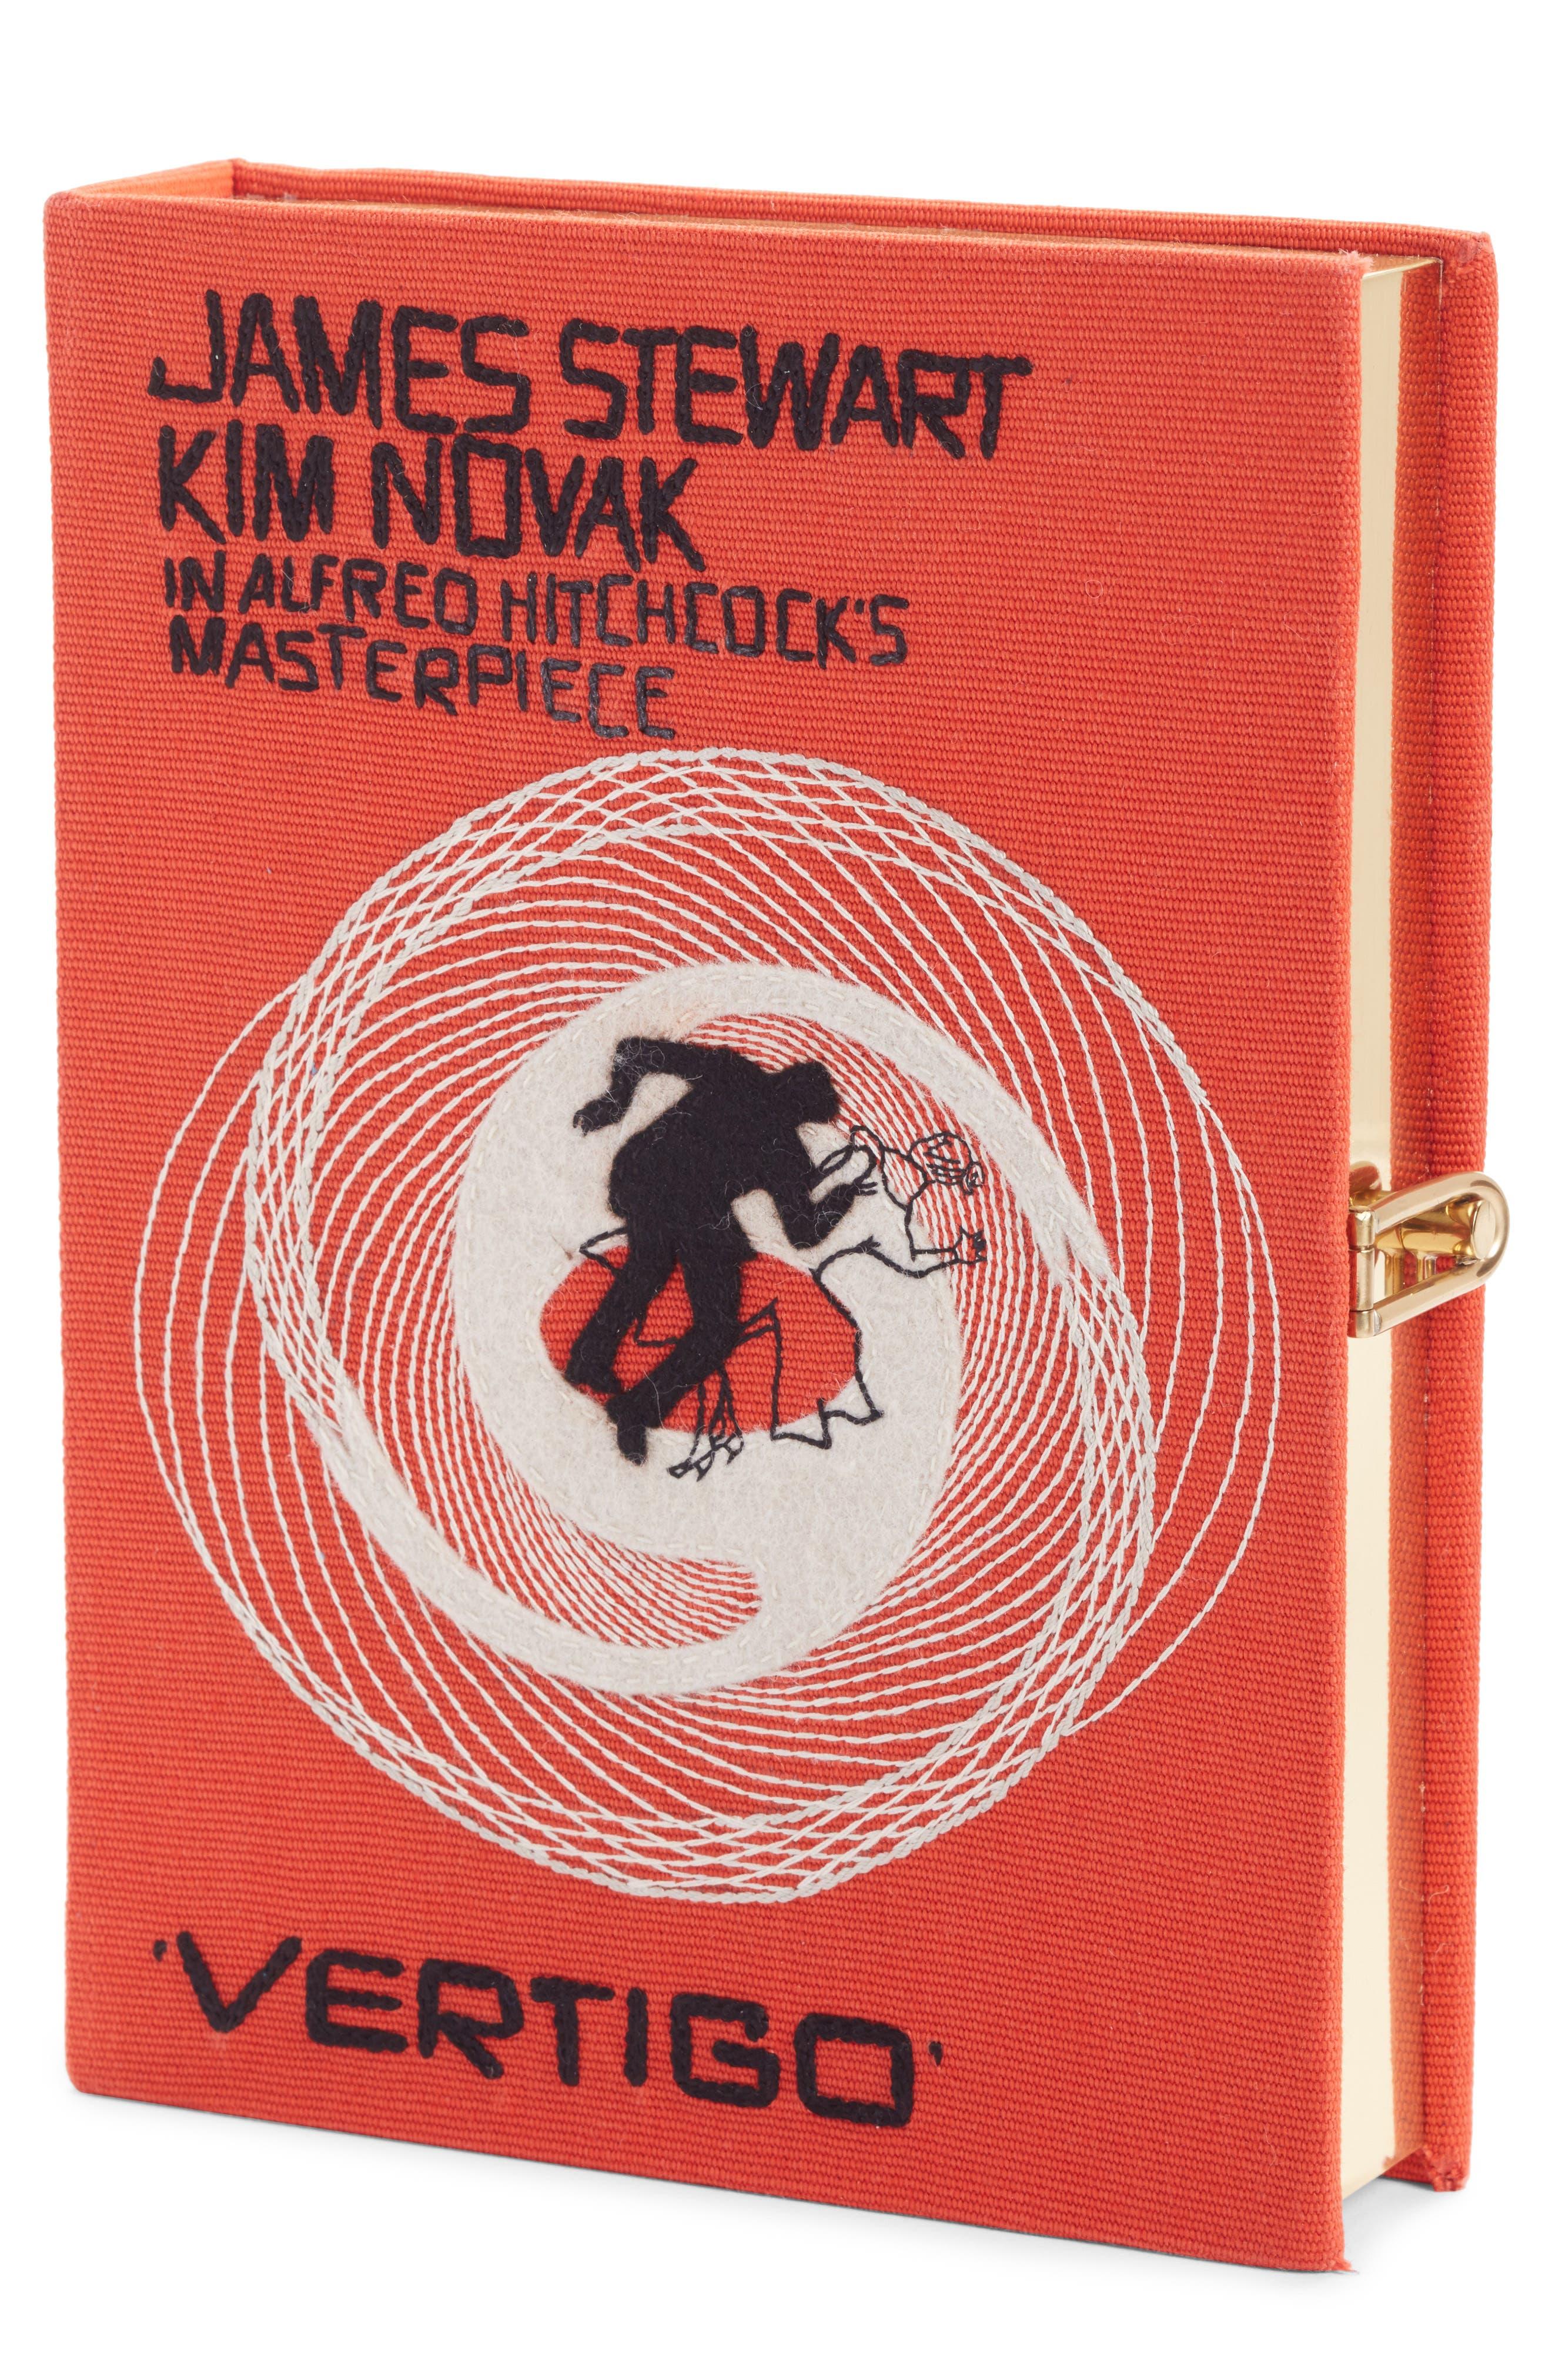 Hitchcock - 'Vertigo' Book Clutch,                             Main thumbnail 1, color,                             800